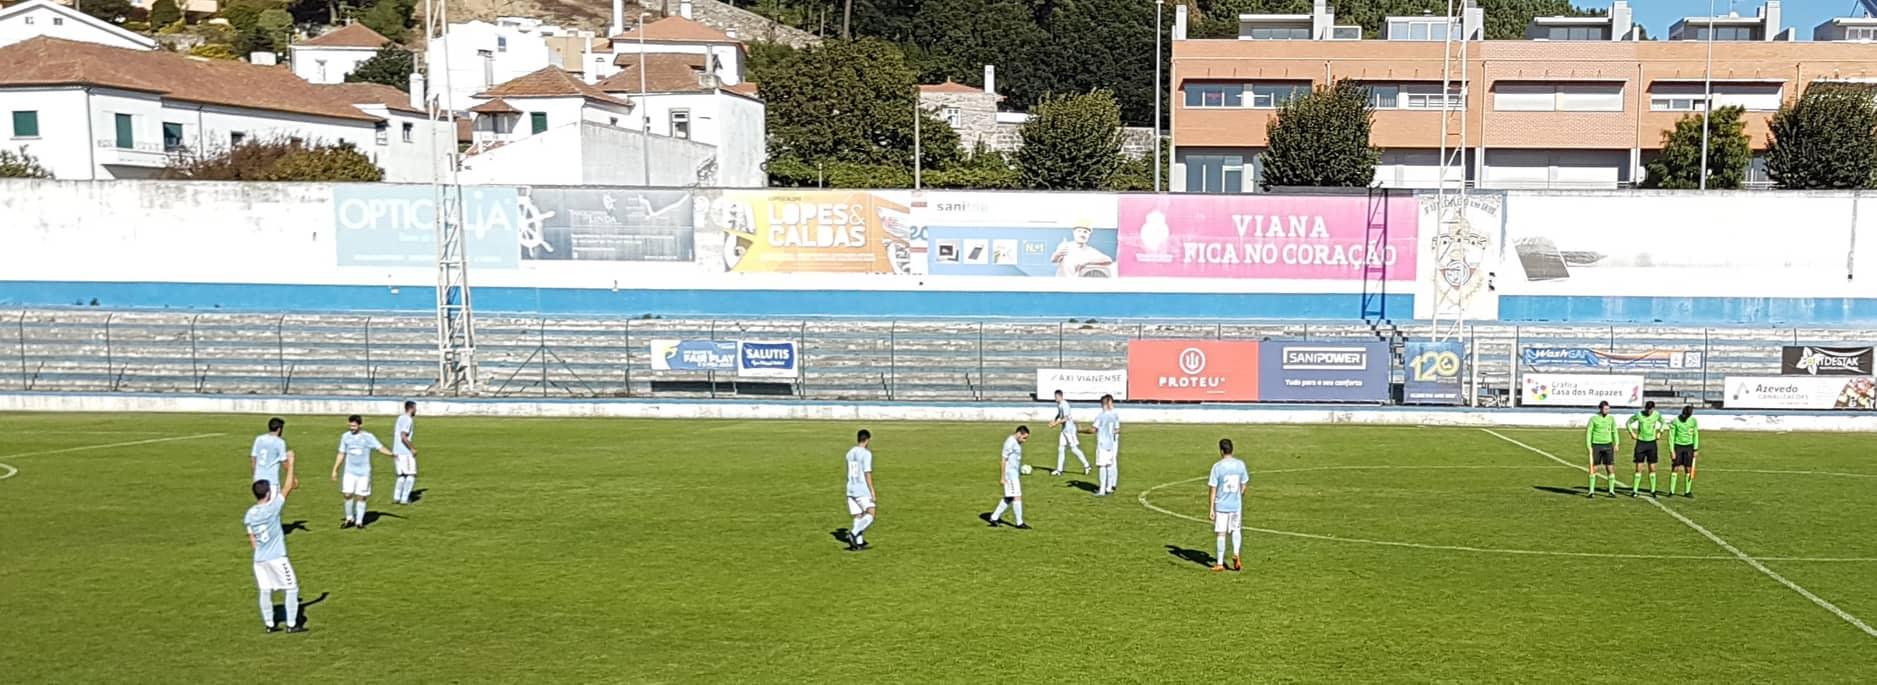 Futebol: Vianense vence Valenciano e é líder isolado da 1ª divisão distrital